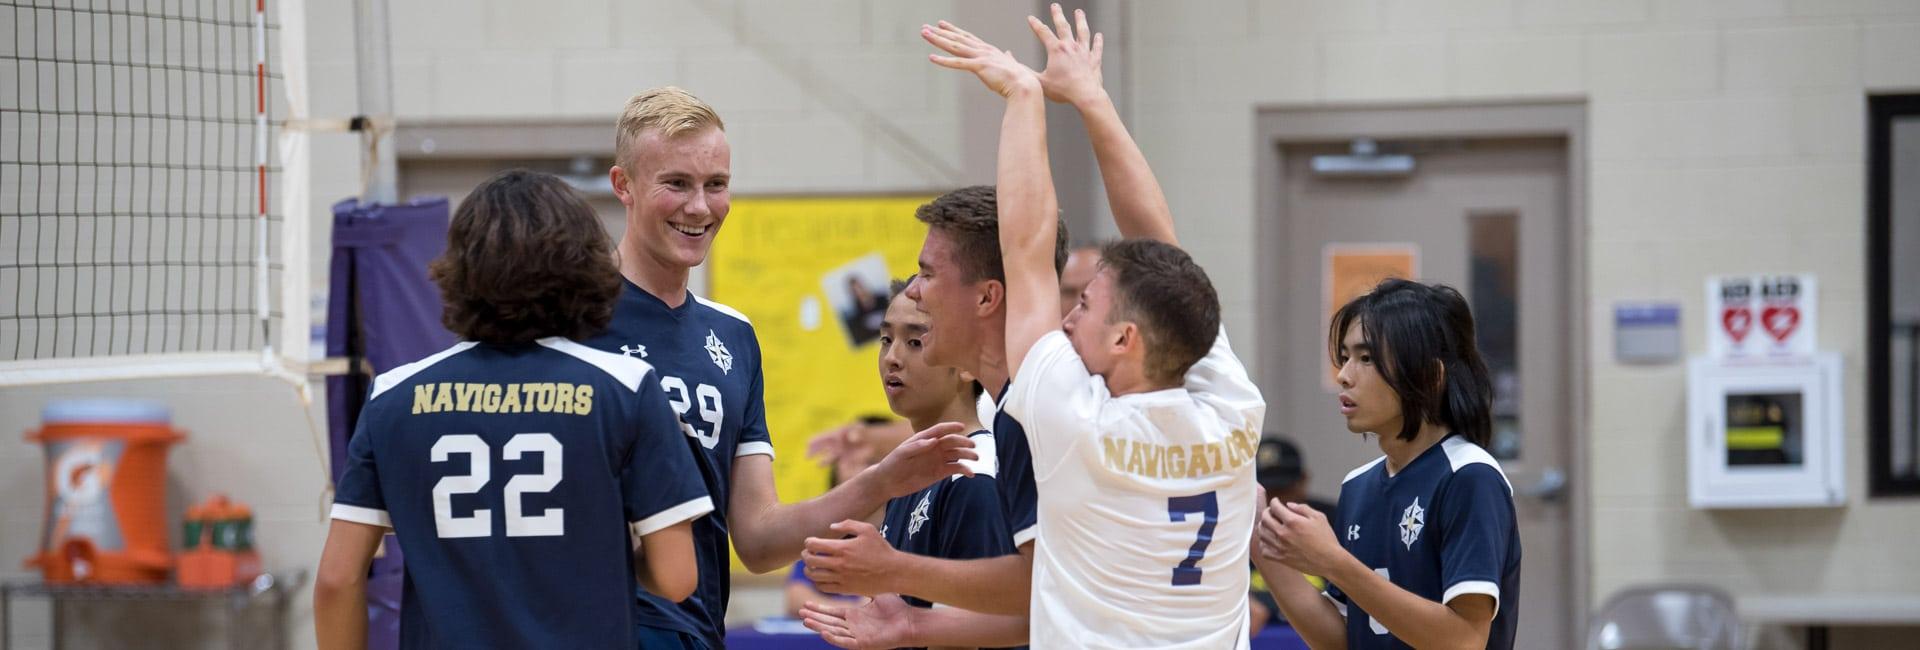 Varsity boys volleyball team celebrating